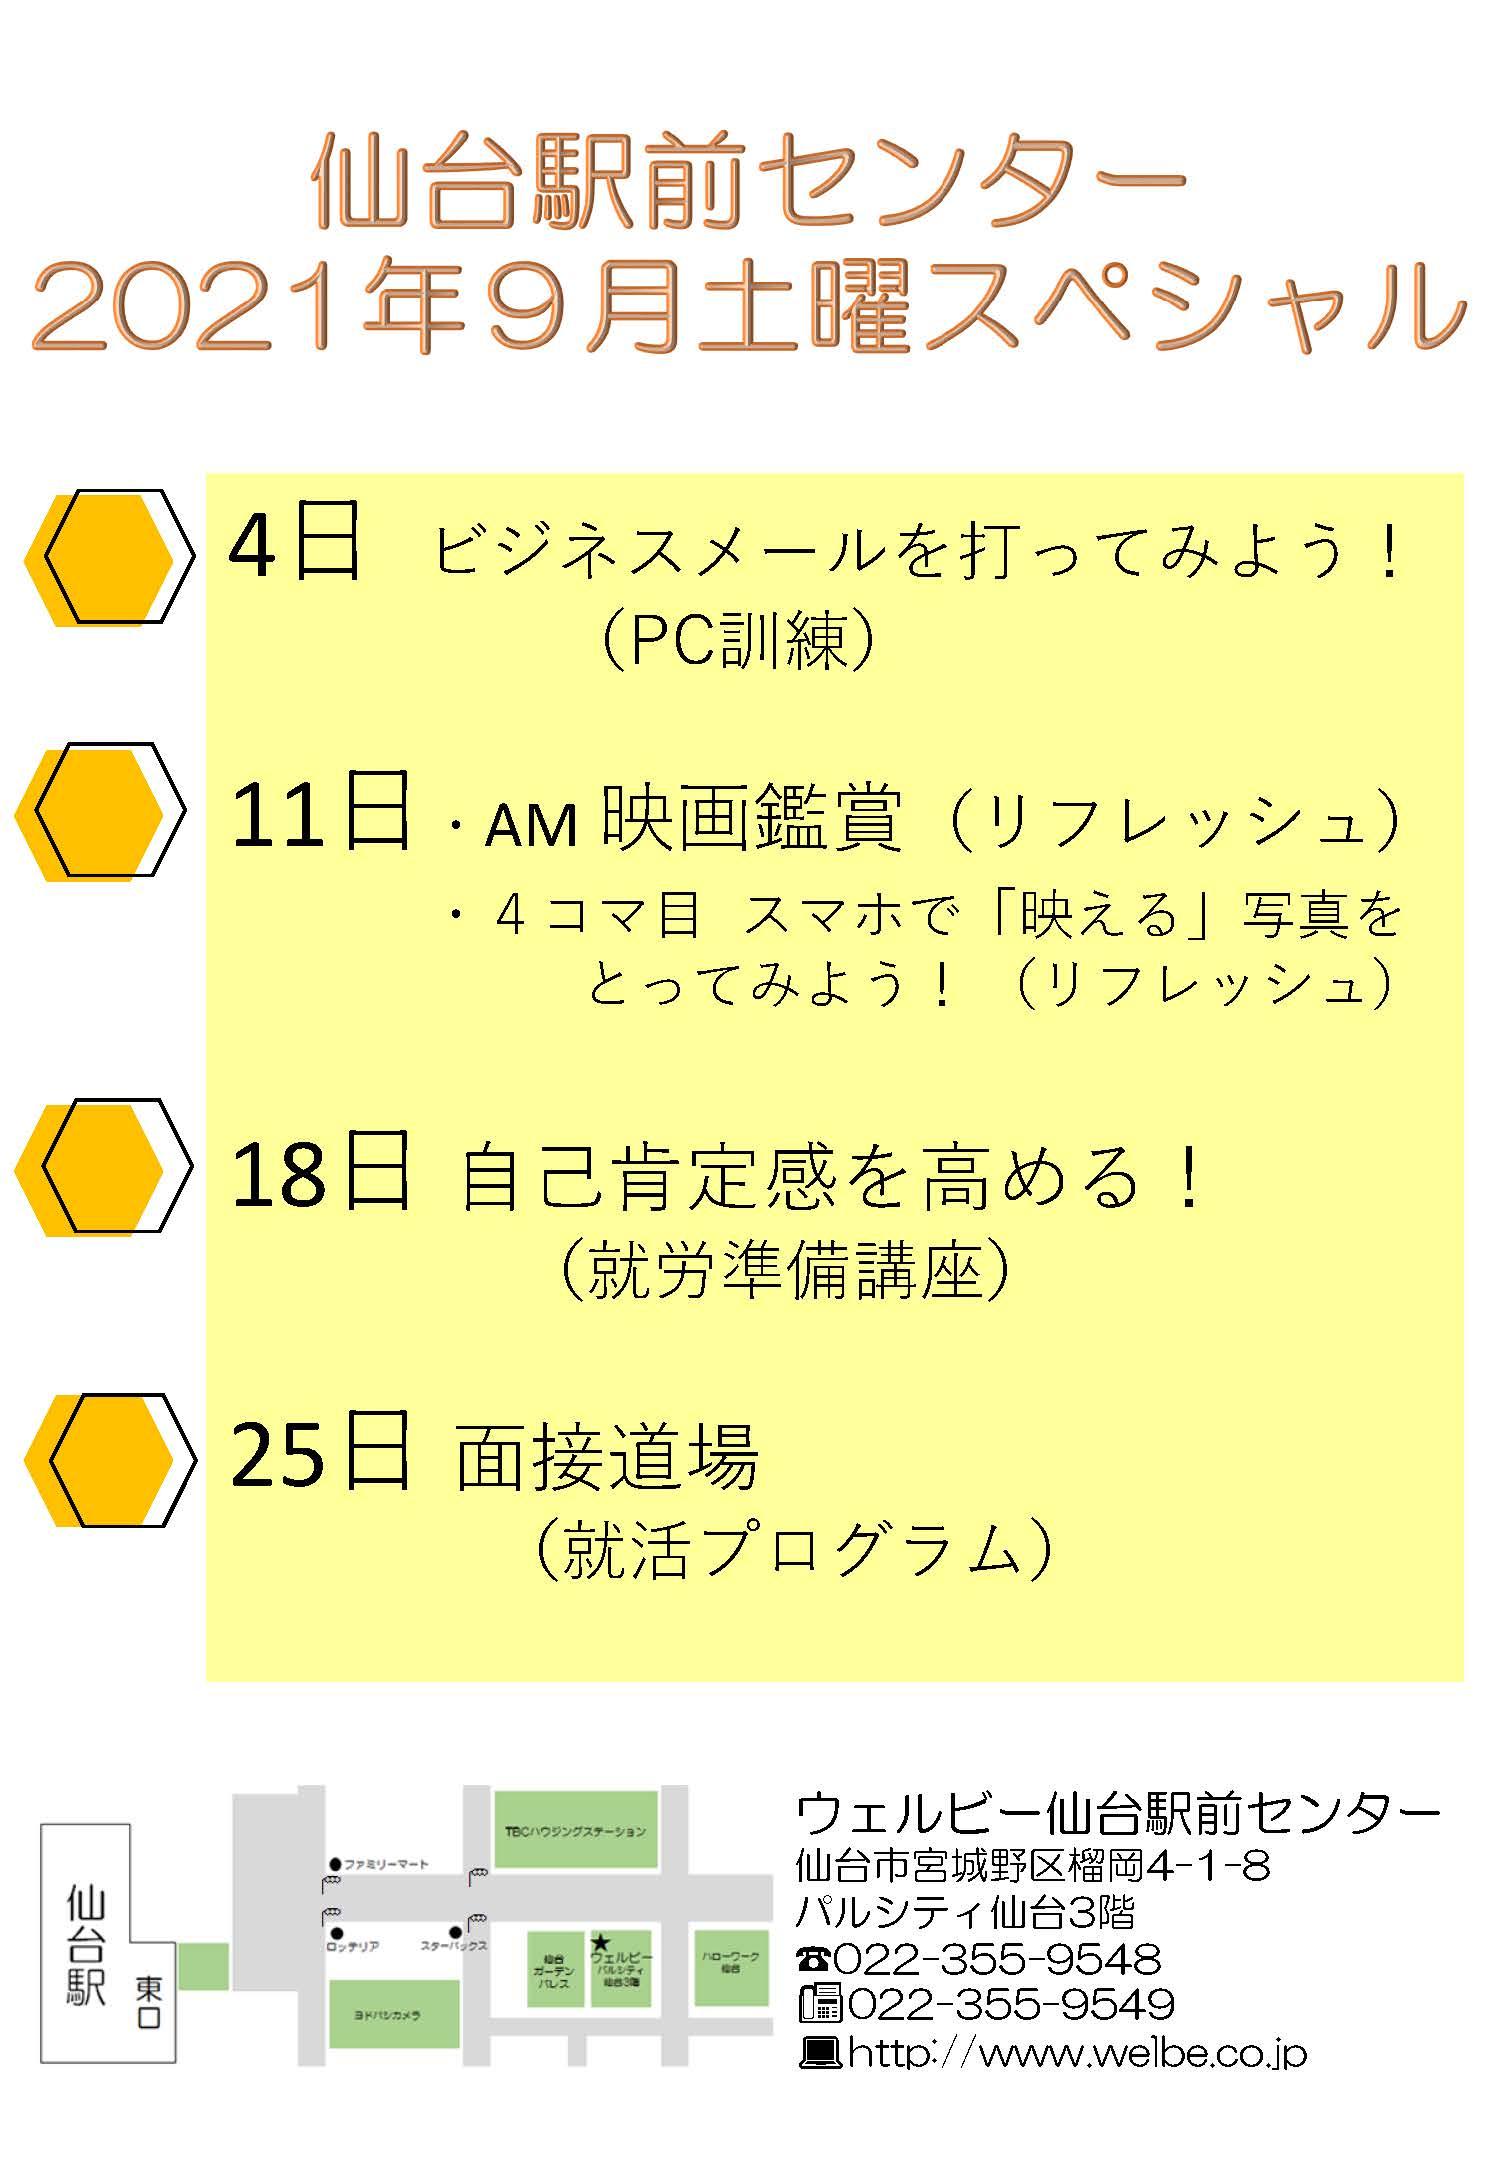 ウェルビー仙台駅前センターデータ③_202109土曜スペシャル+